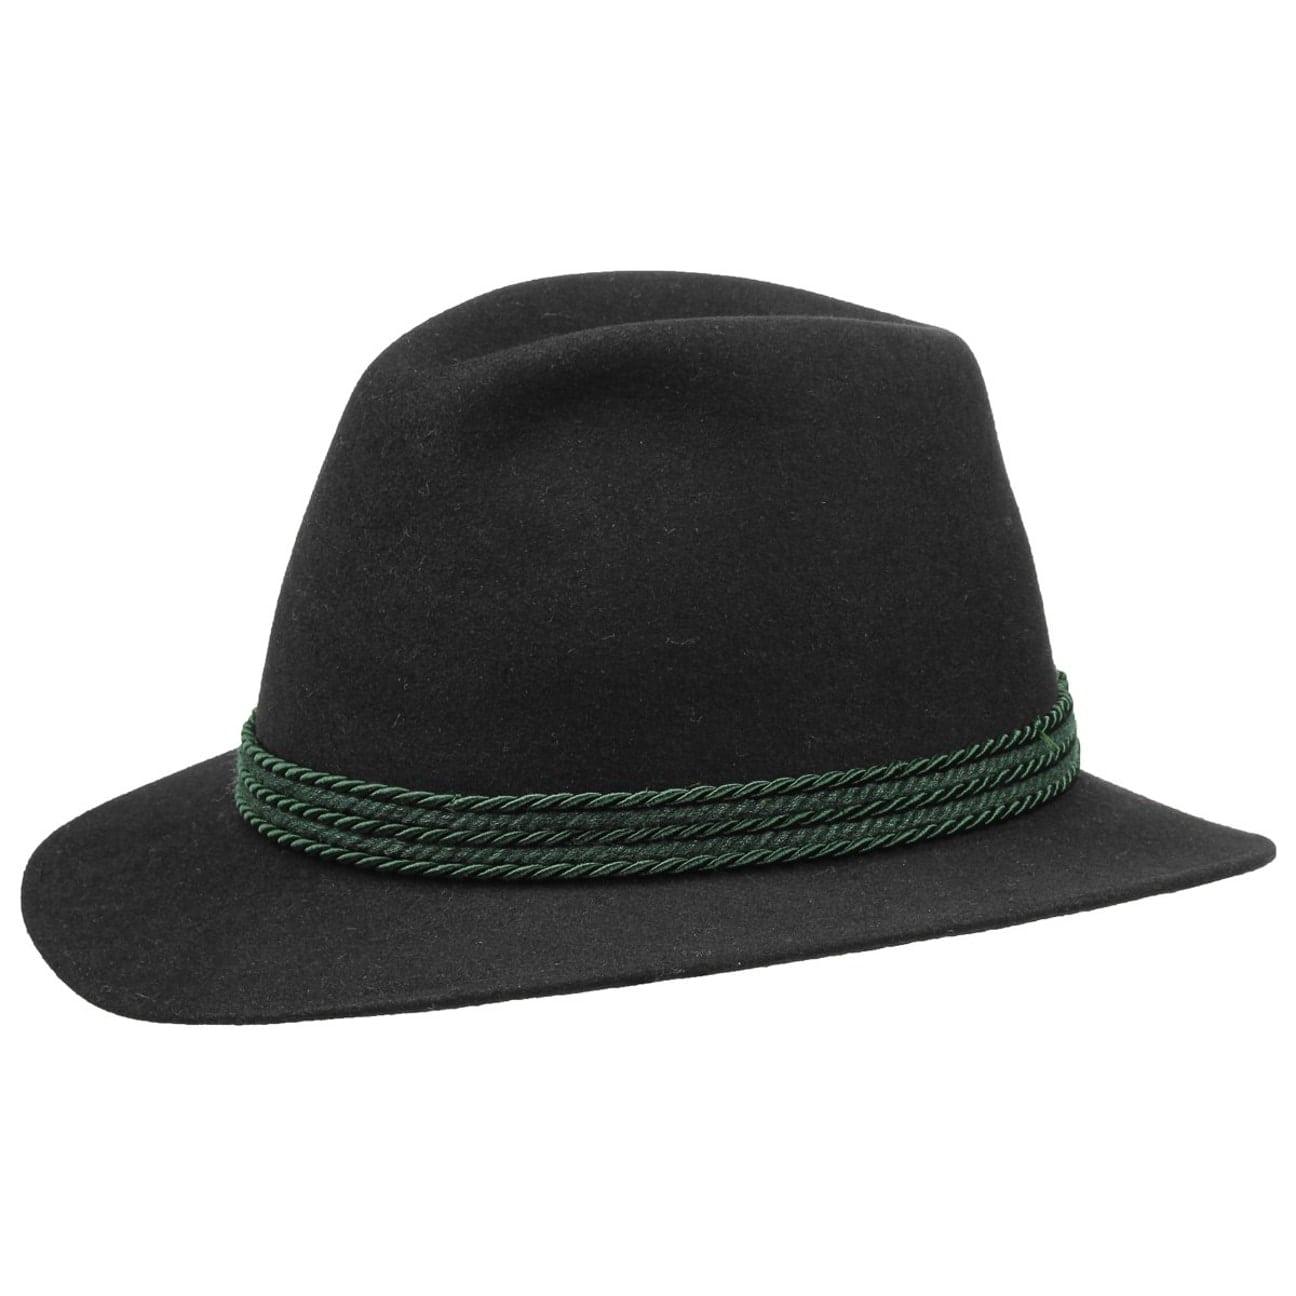 hot-vente dernier inégale en performance dernière remise Chapeau Traditionnel Classique Feutre Poil